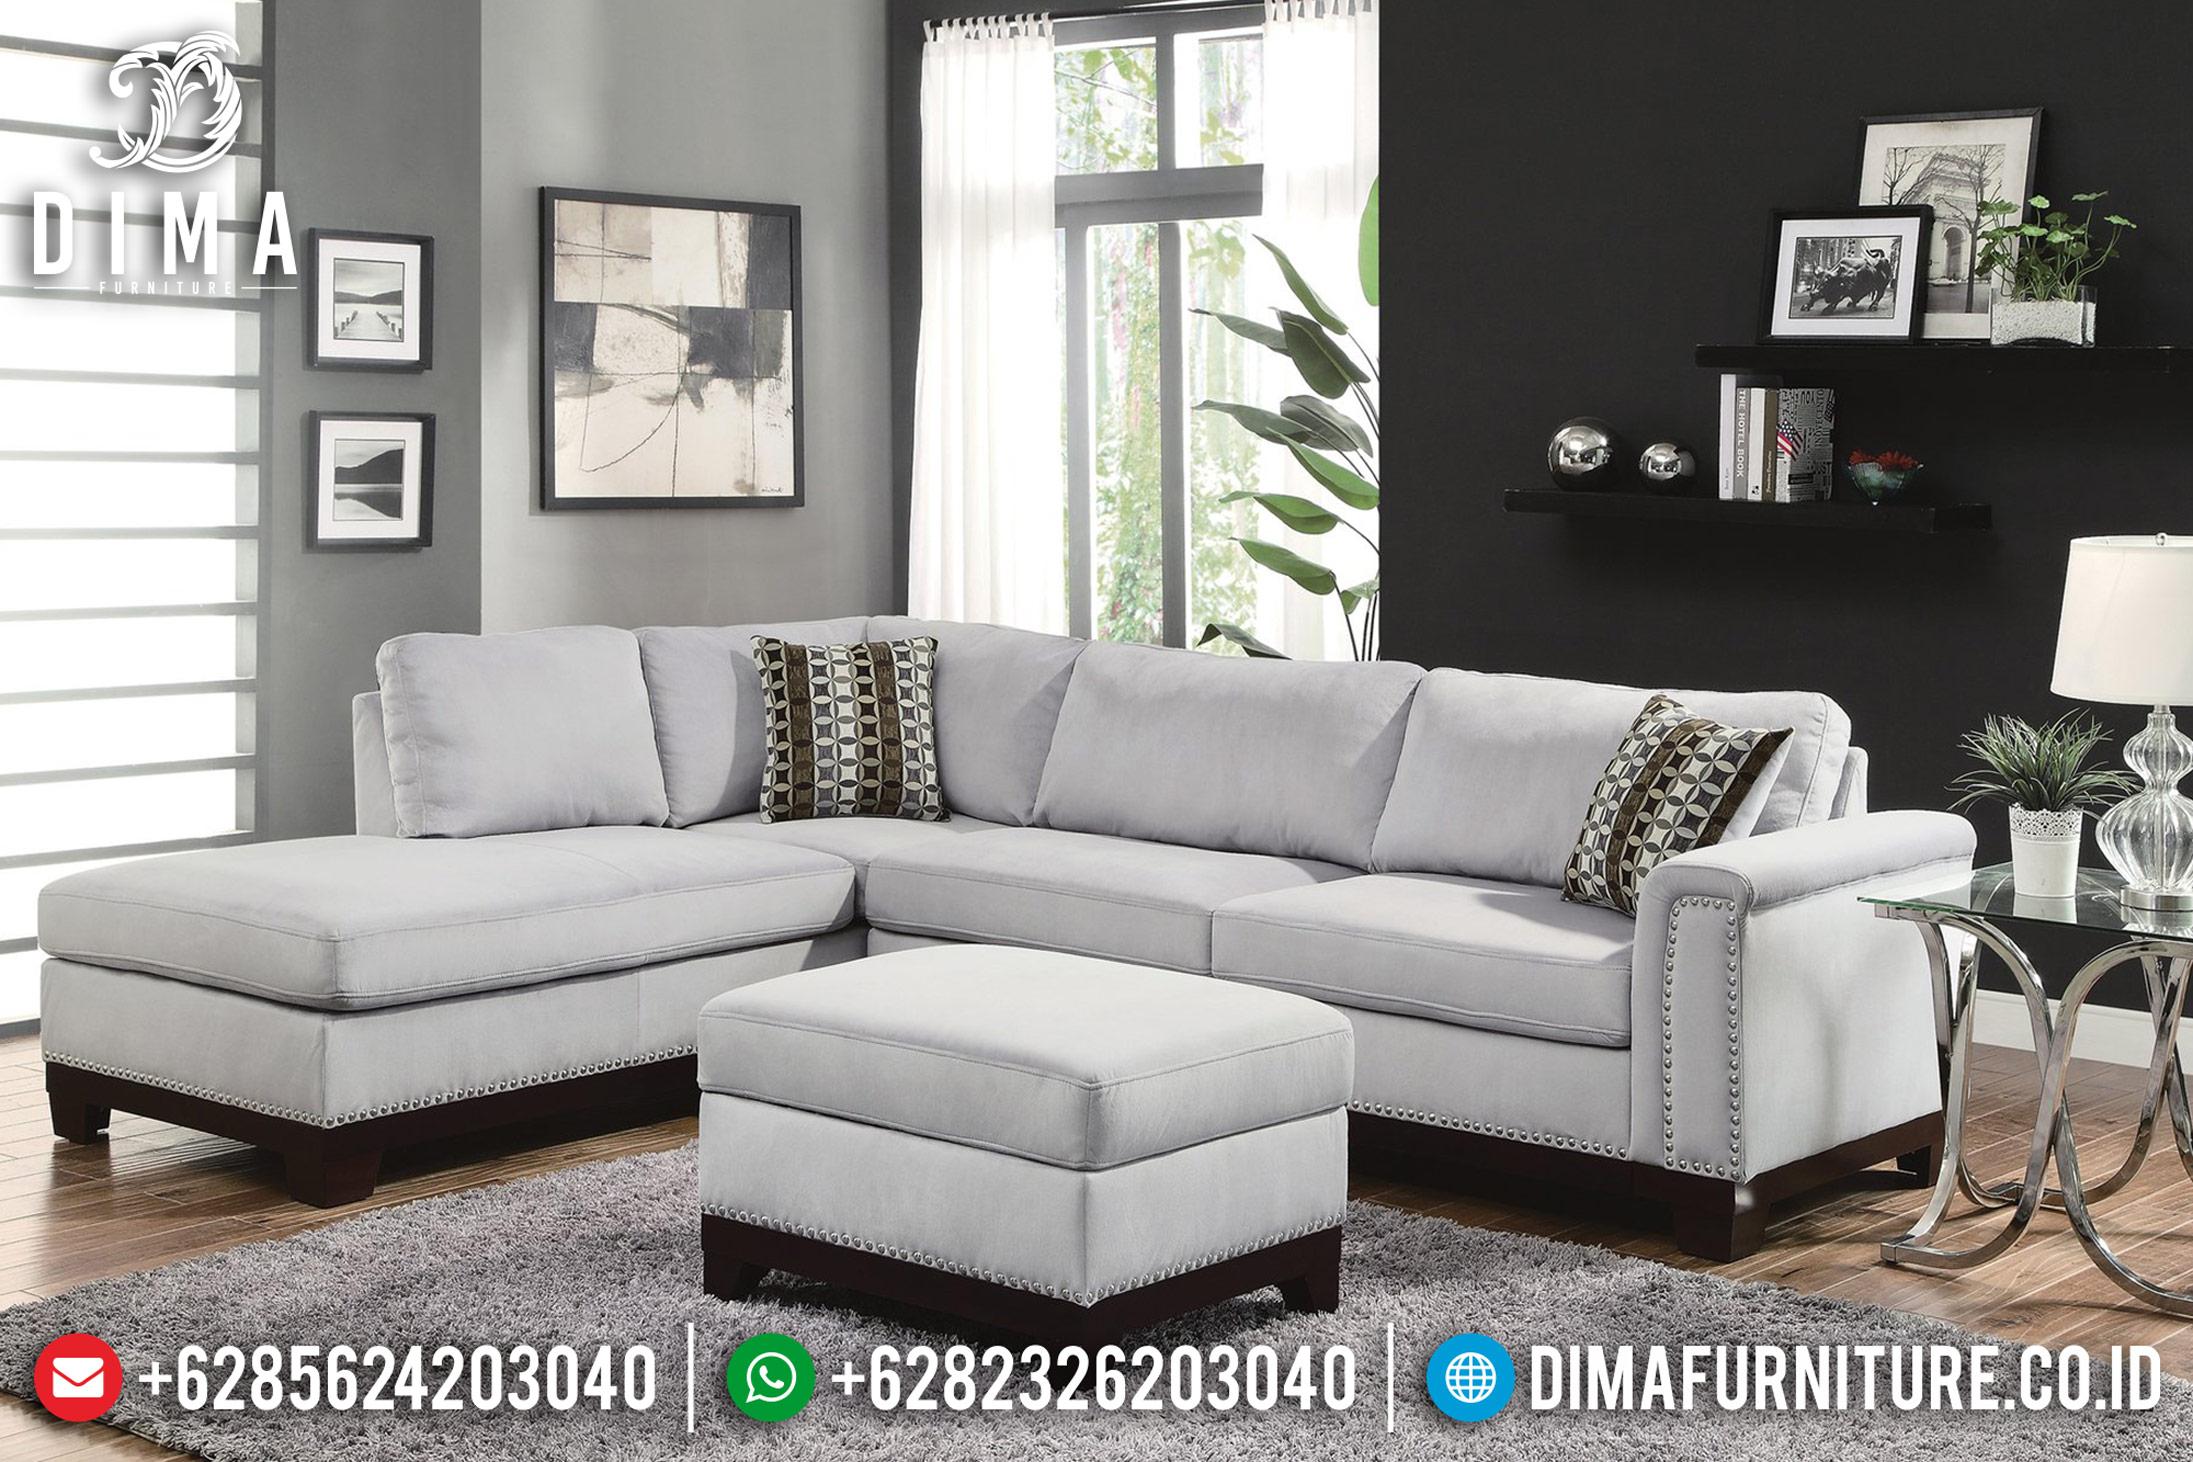 Sofa Tamu Jepara Terbaru, Kursi Tamu Minimalis Carson, Ruang Tamu Minimalis DF-0876